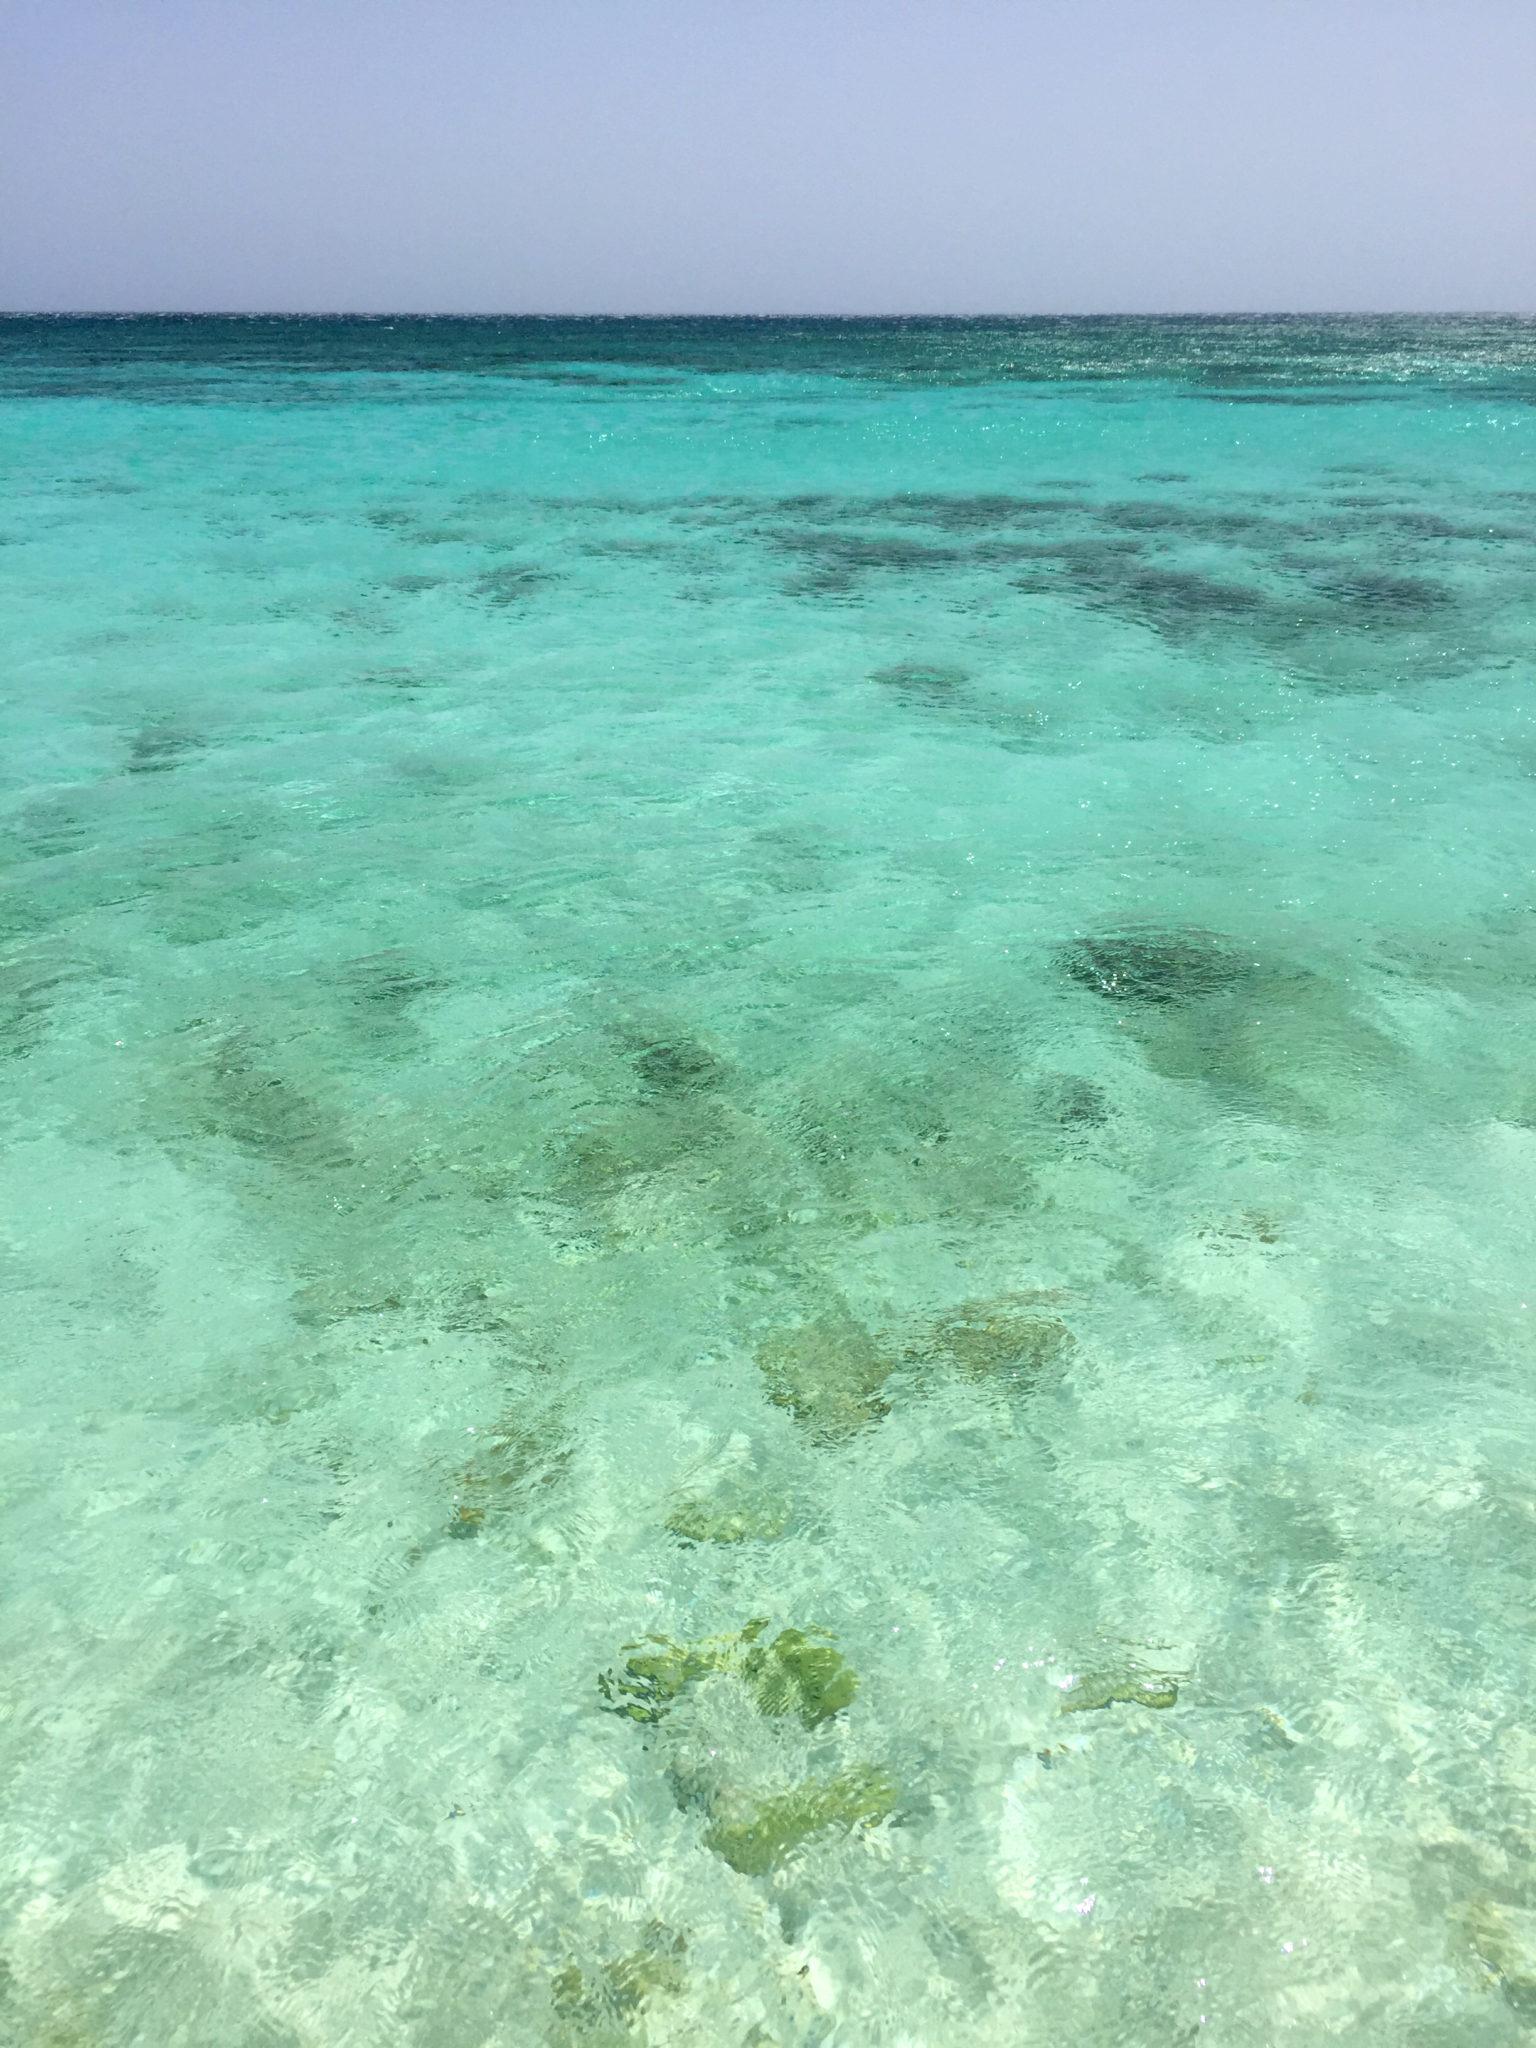 Republique_dominicaine_roadtrip_voyage_bahia_las_aguilas_eaux_cristallines